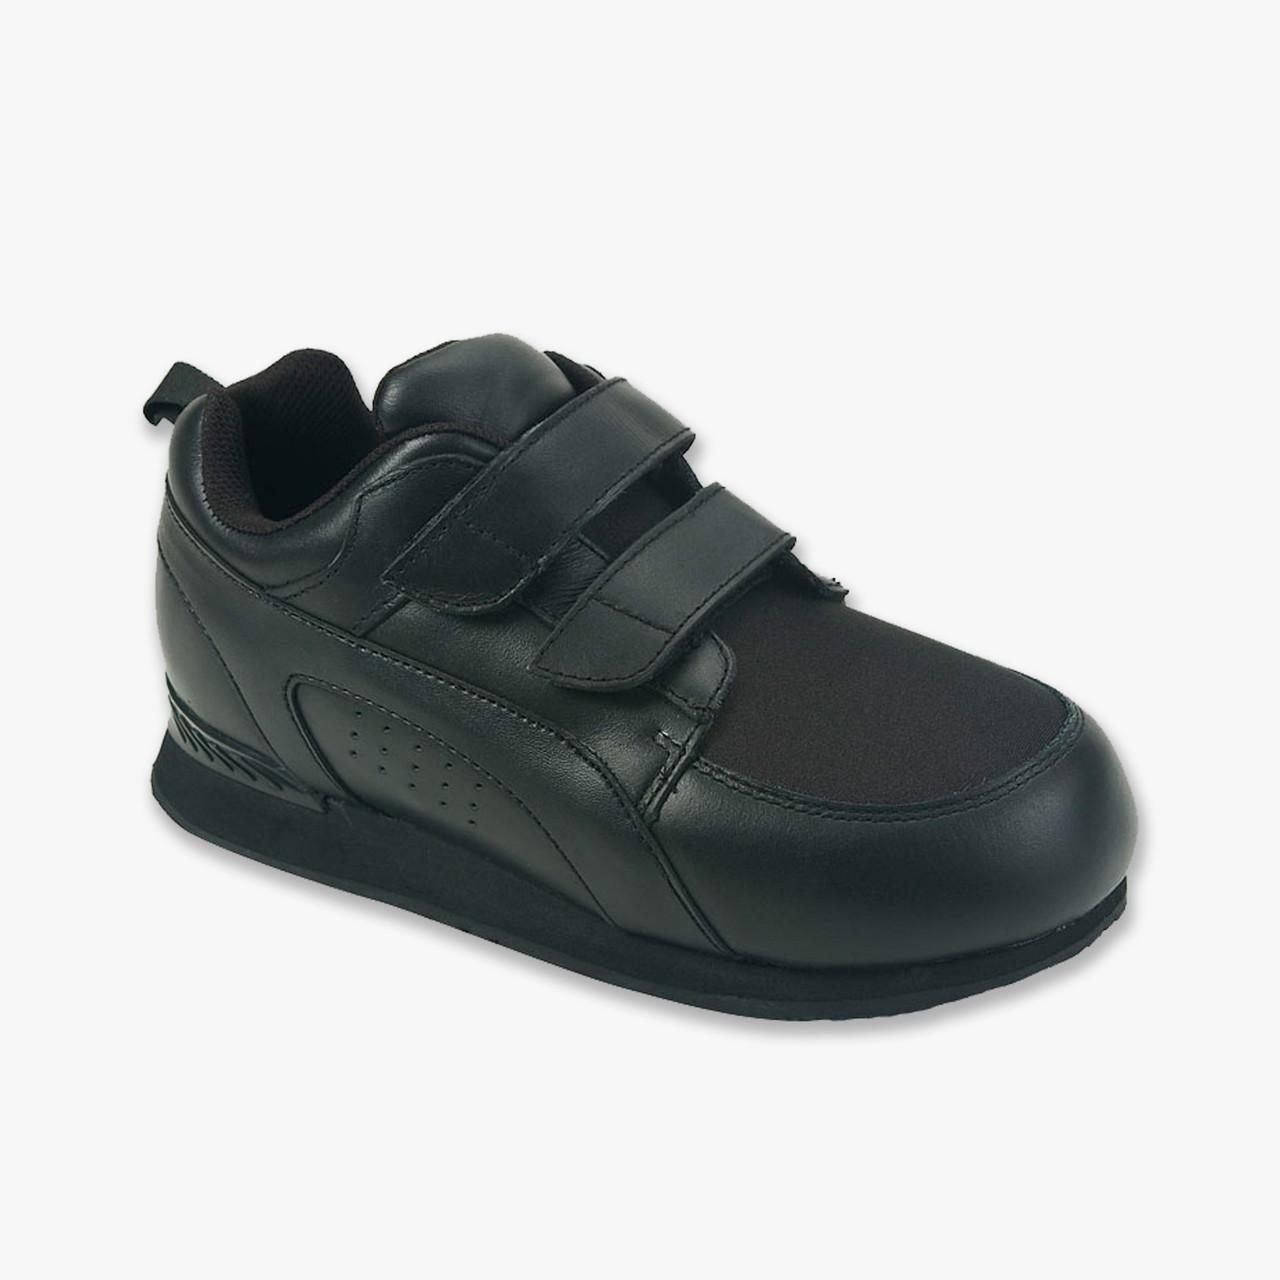 Pedors Negro Diabéticos Walker Caminar Ortopédicos Para Stretch Zapatos oxshQrdCBt